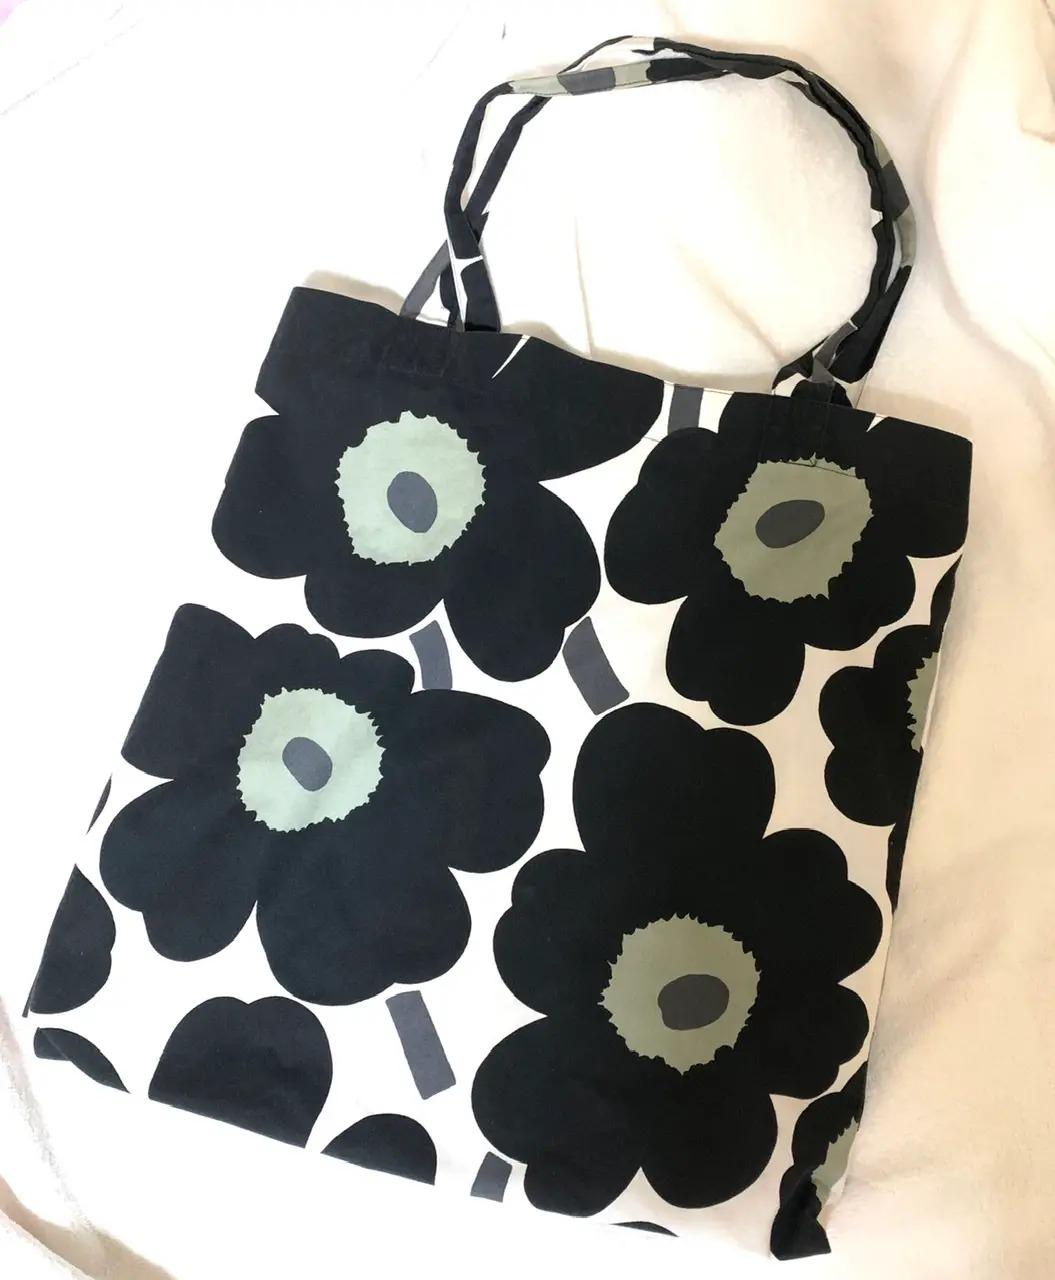 【働く女性のエコバッグまとめ】人気ブランドのおしゃれなバッグも♡ MOREインフルエンサーズのMyバッグ特集_24